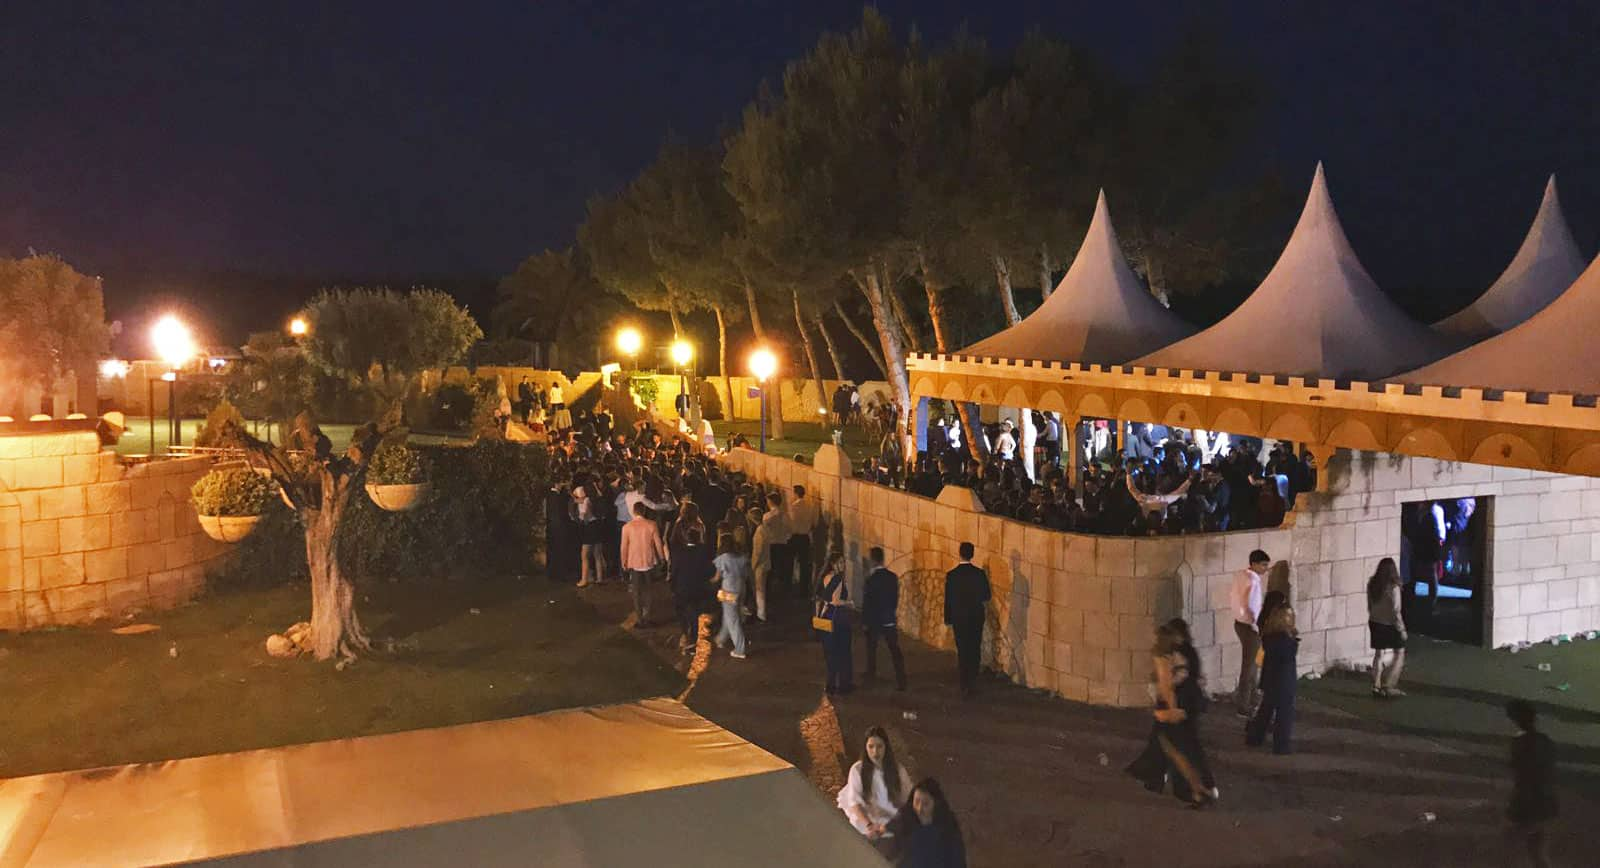 Fiesta de Graduaciones en Zaragoza. Hotel Castillo Bonavía